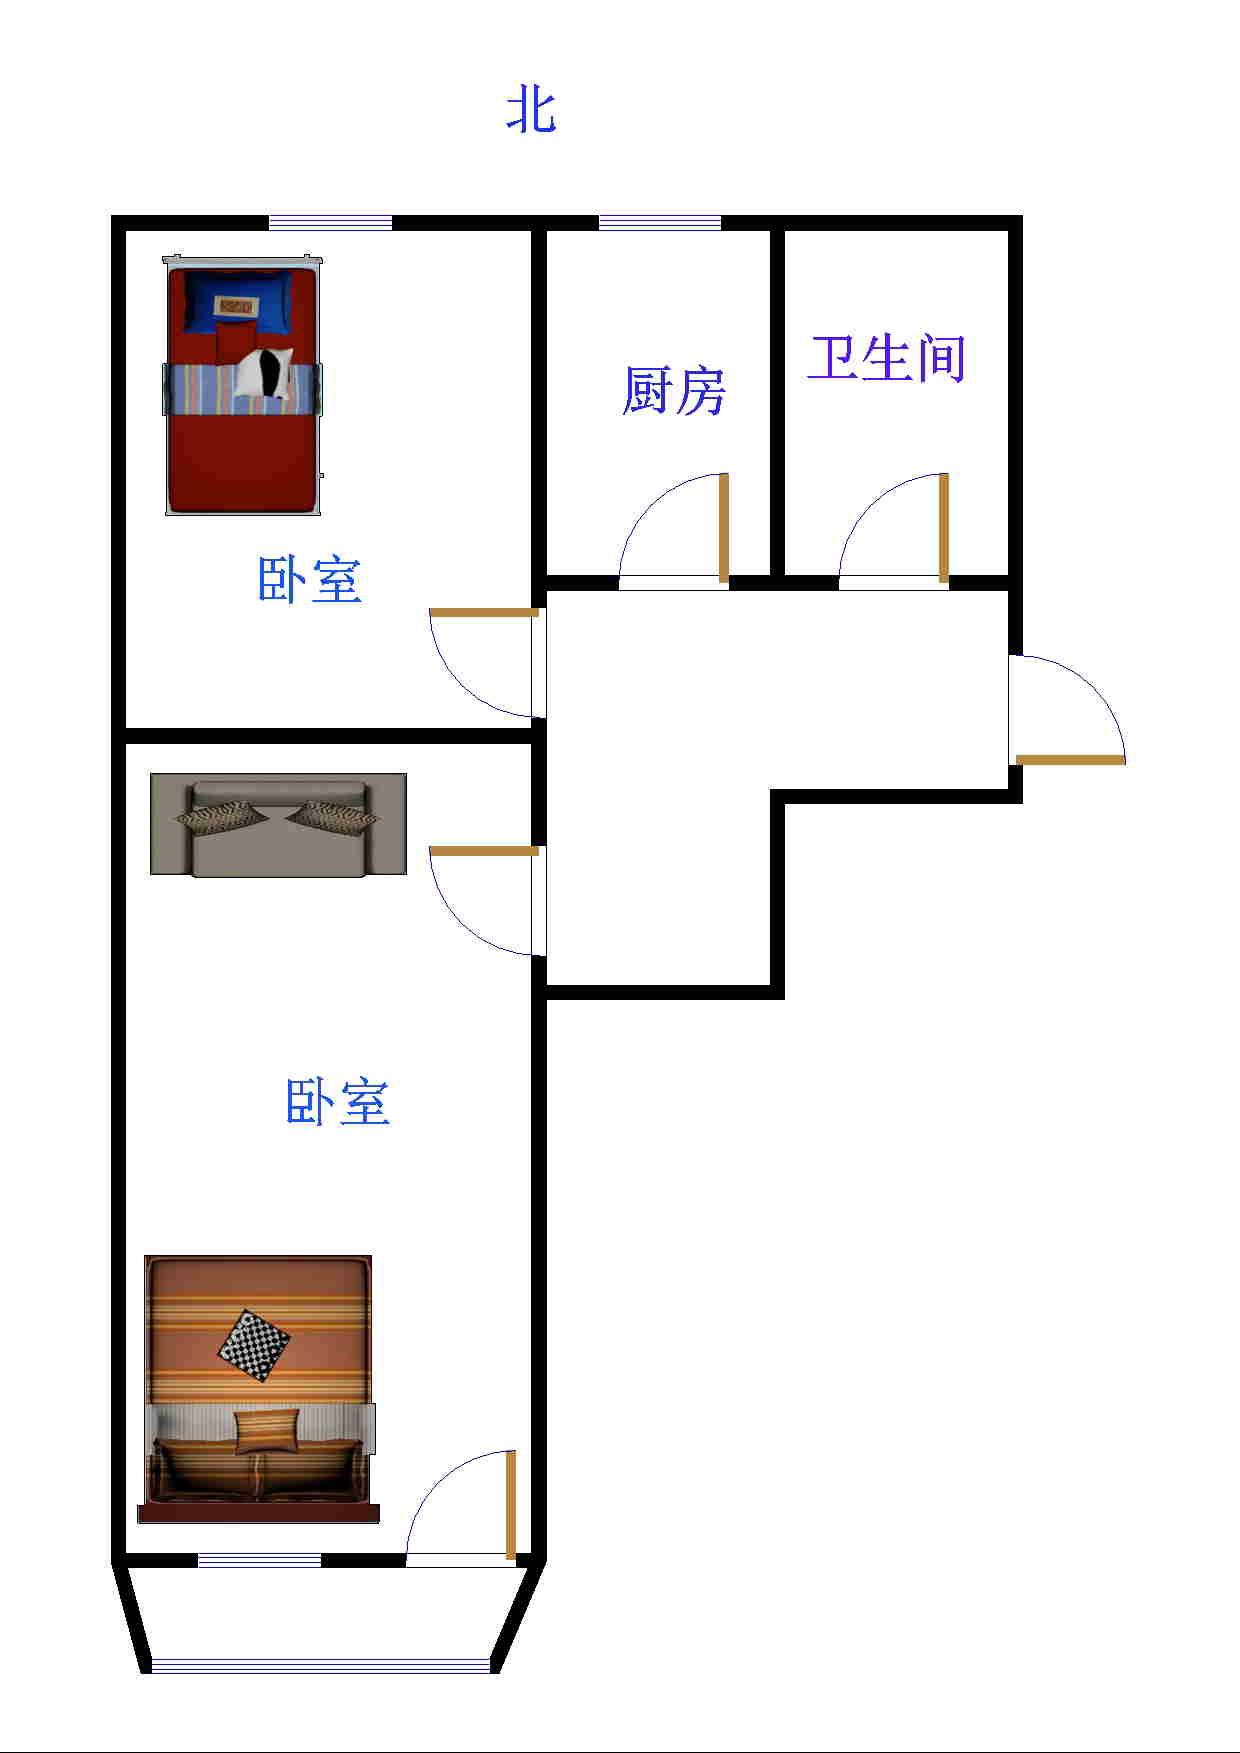 石化小区 1室1厅 3楼